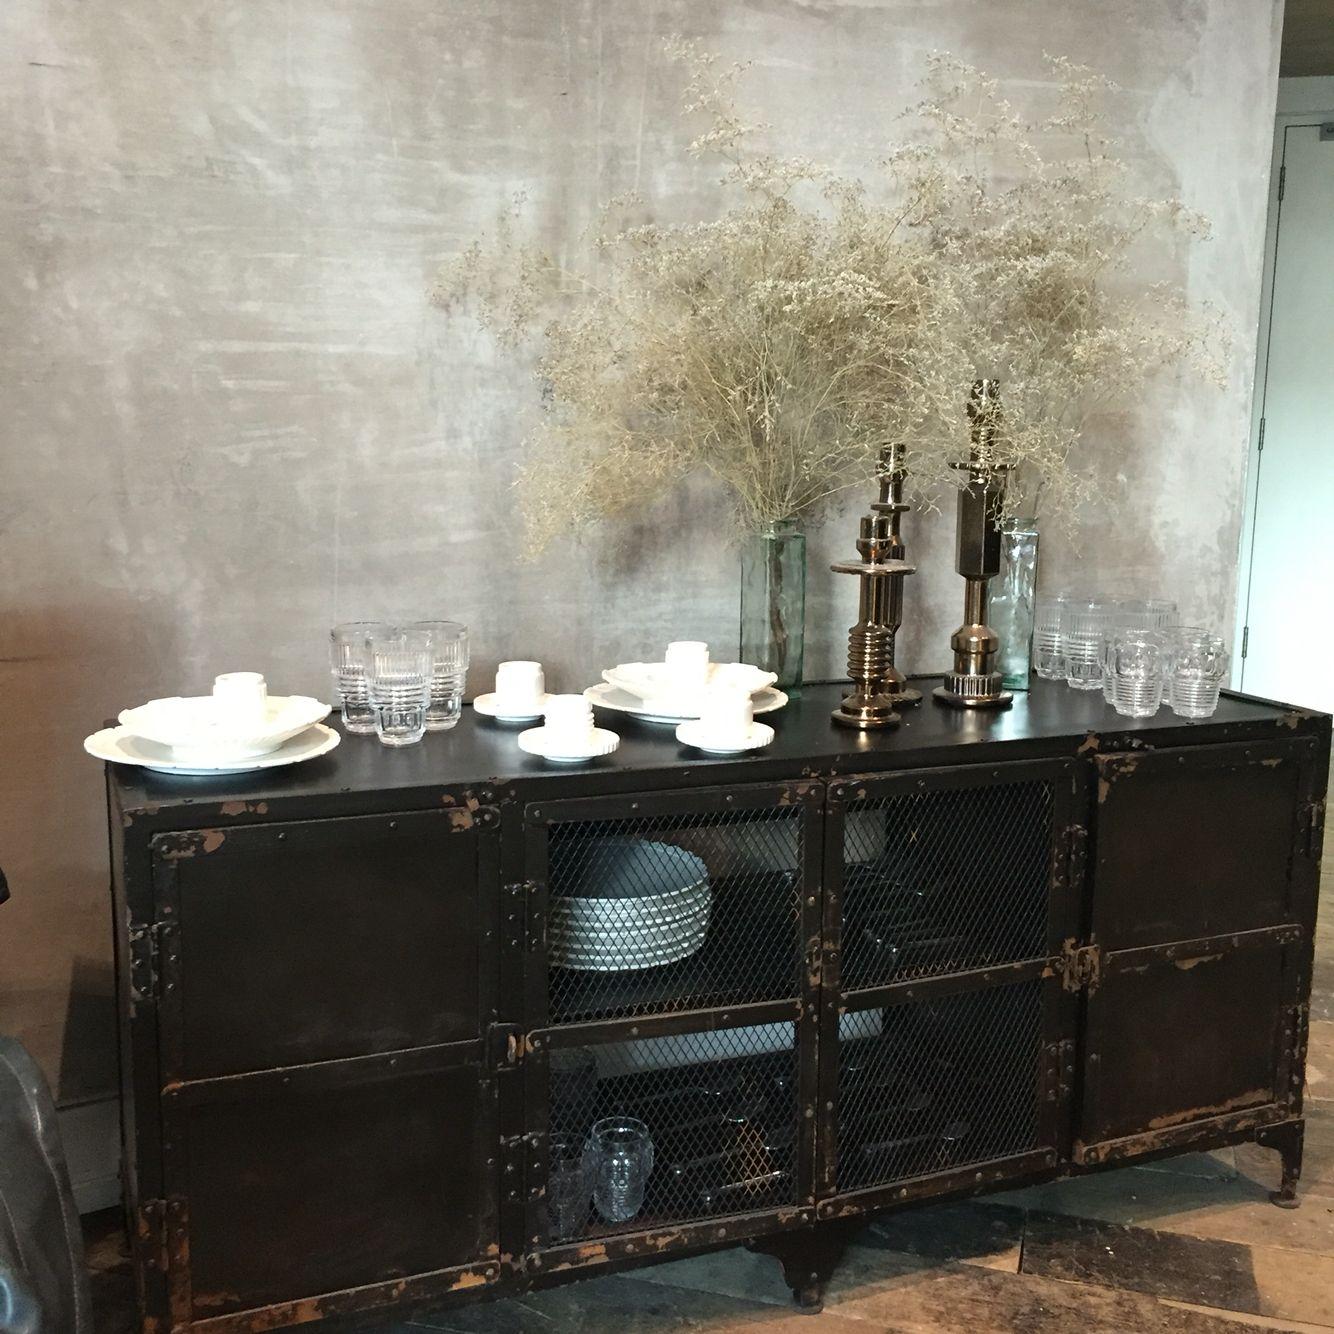 Amundsen Kitchen Hearth Room: Old Antique, Venitian Plaster, Shabby Chic Walls